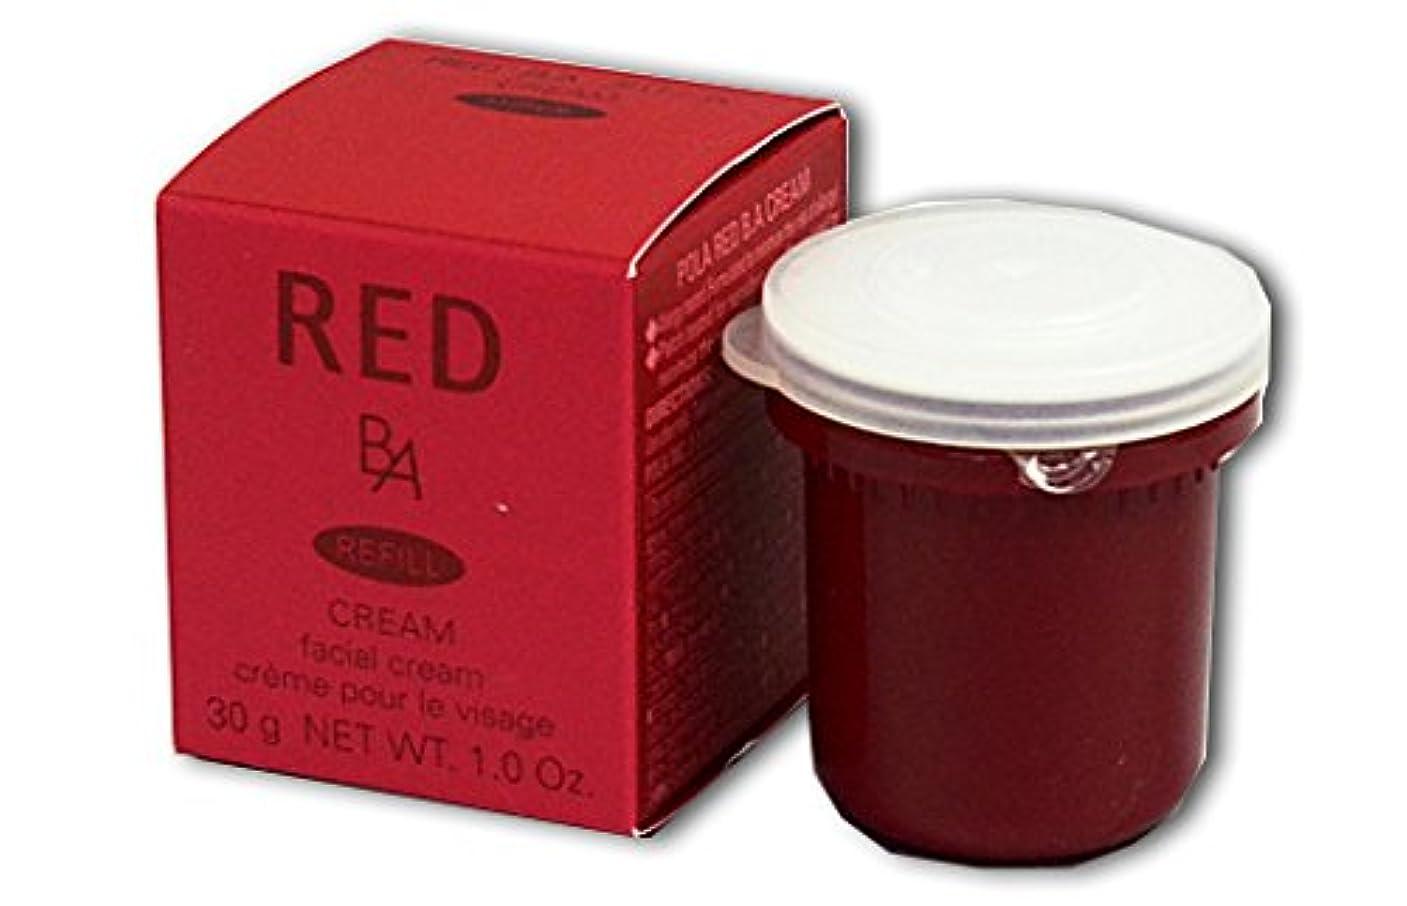 フィッティングリフレッシュ発表POLA / ポーラ RED B.A クリーム リフィル 30g